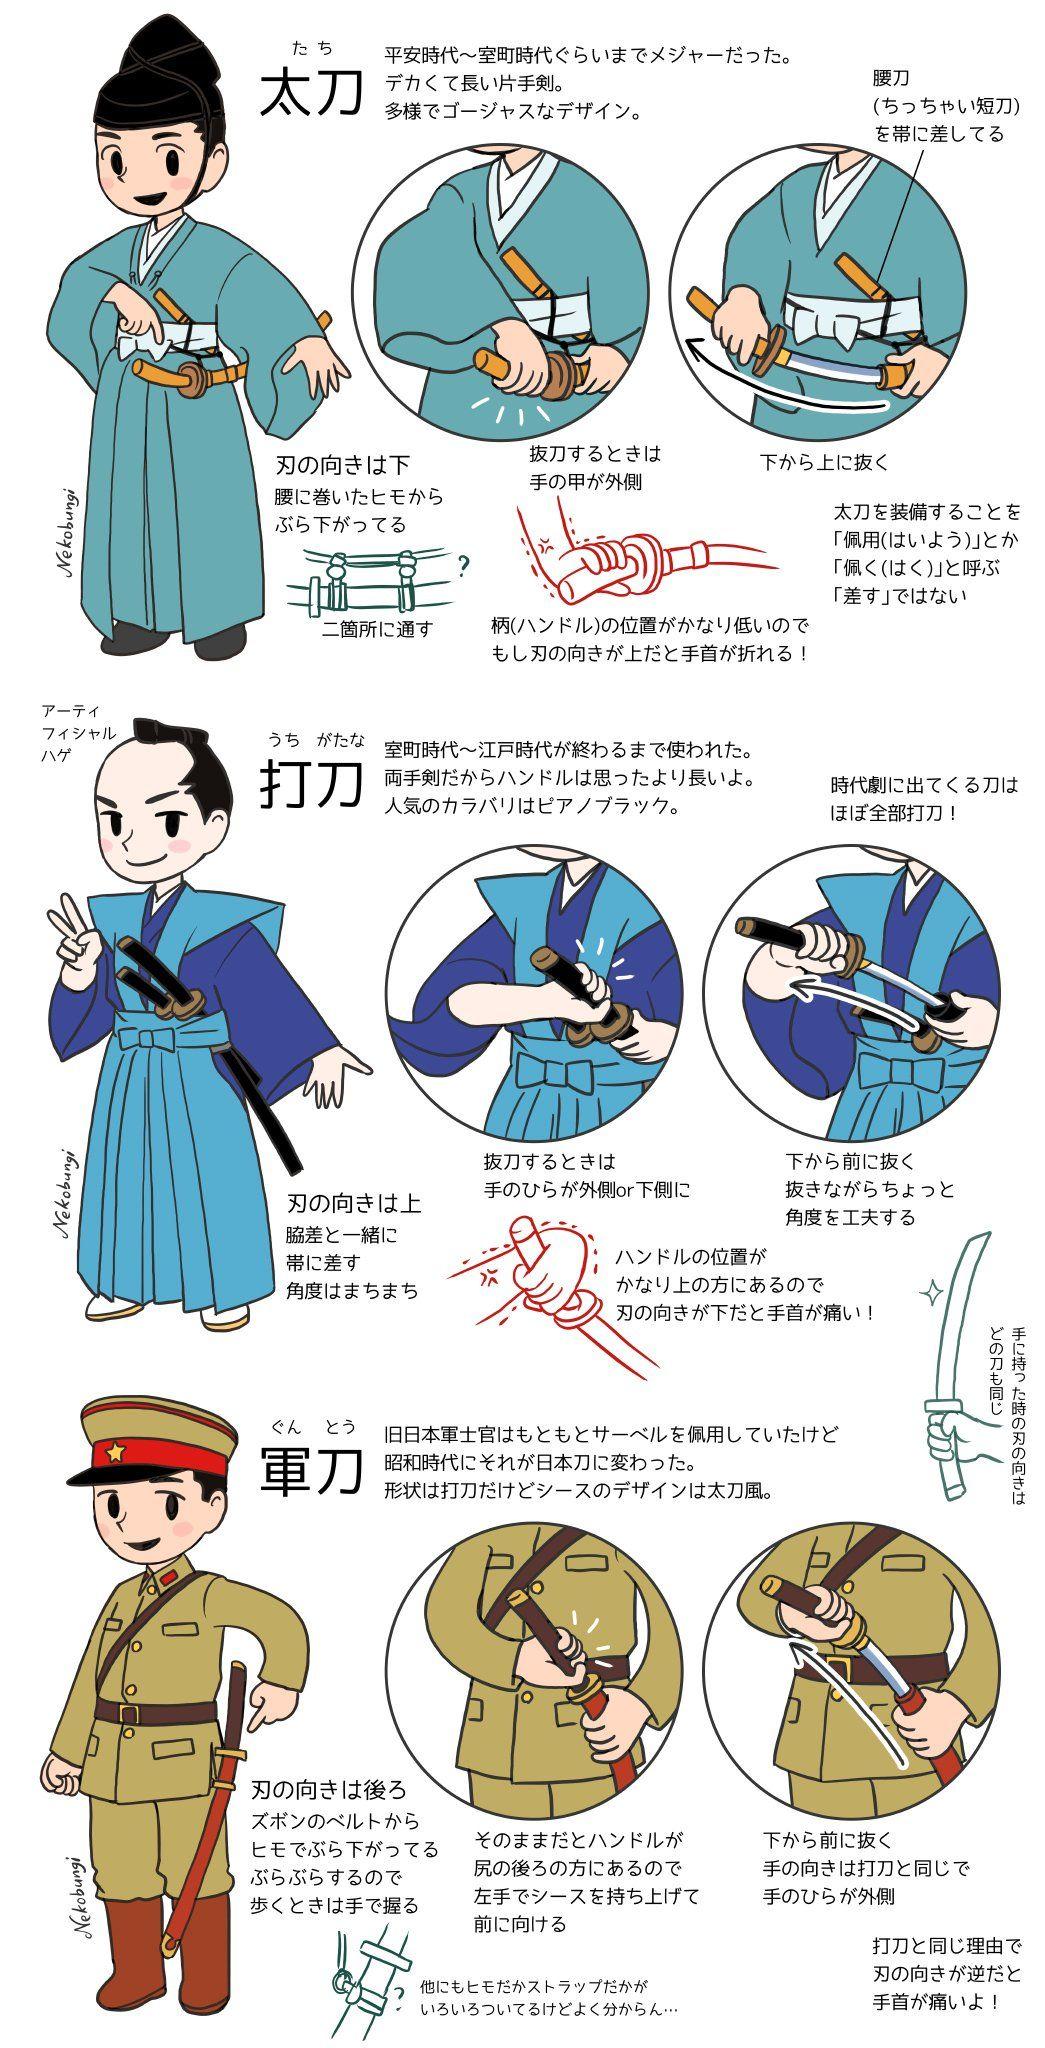 猫分儀スミレ ゲーム体験版公開中 on twitter 着物 歴史 侍 イラスト 軍の服装